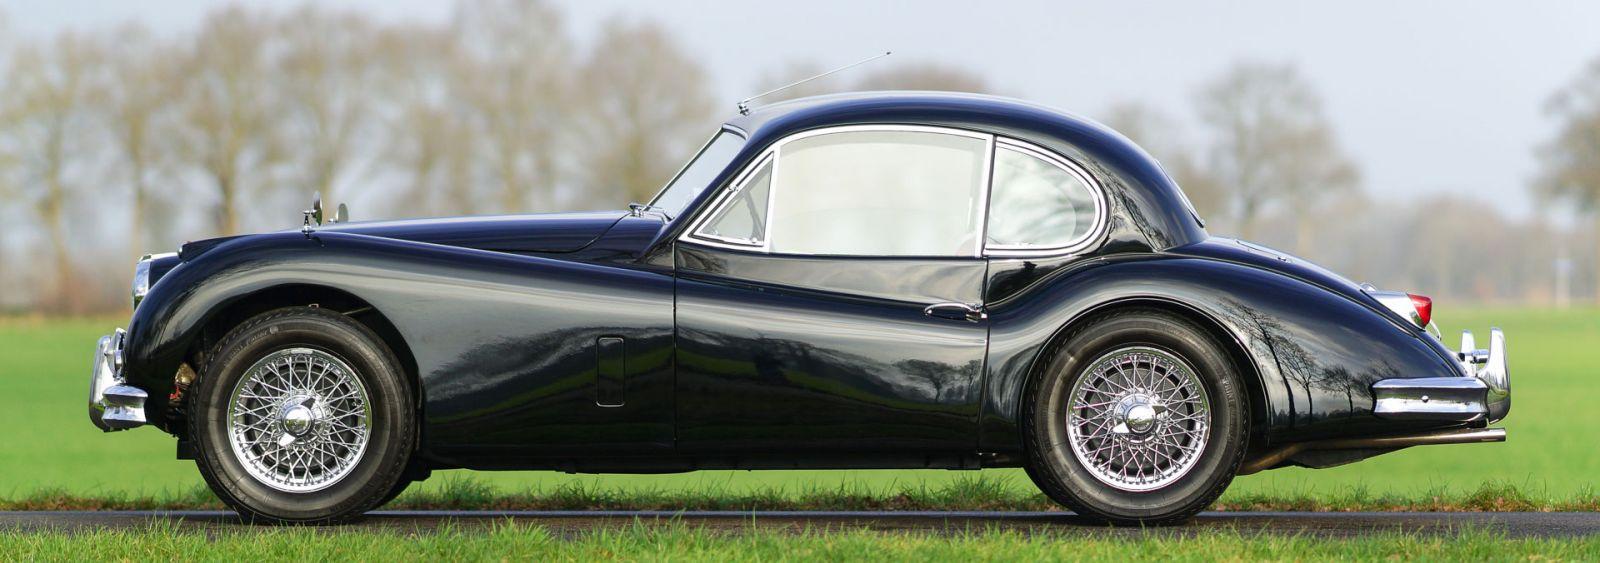 Jaguar XK 140 SE FHC, 1956